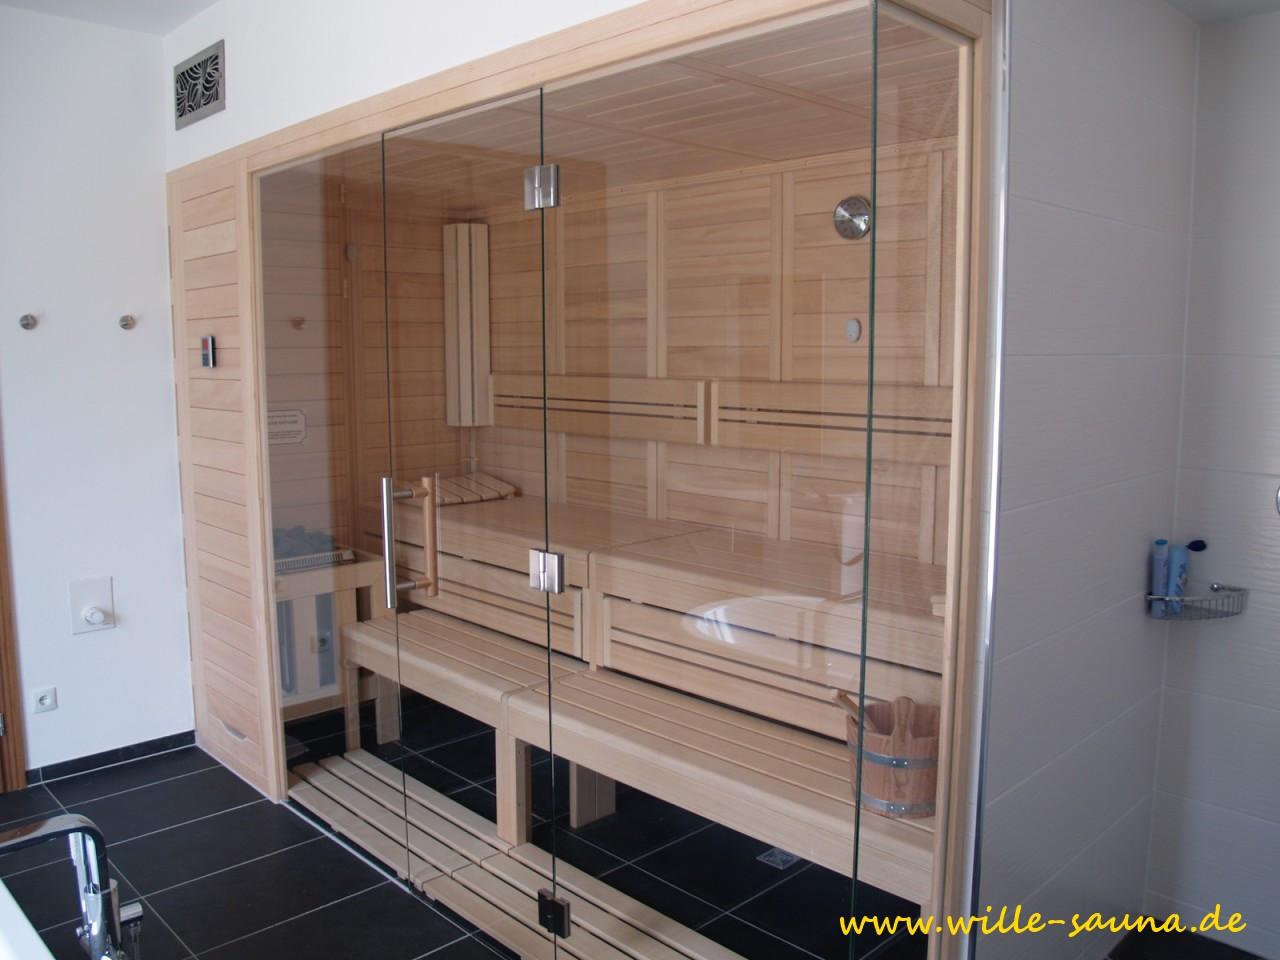 Sauna Glasfront Variante von Wille- deutsche Qualität zum günstigen Preis